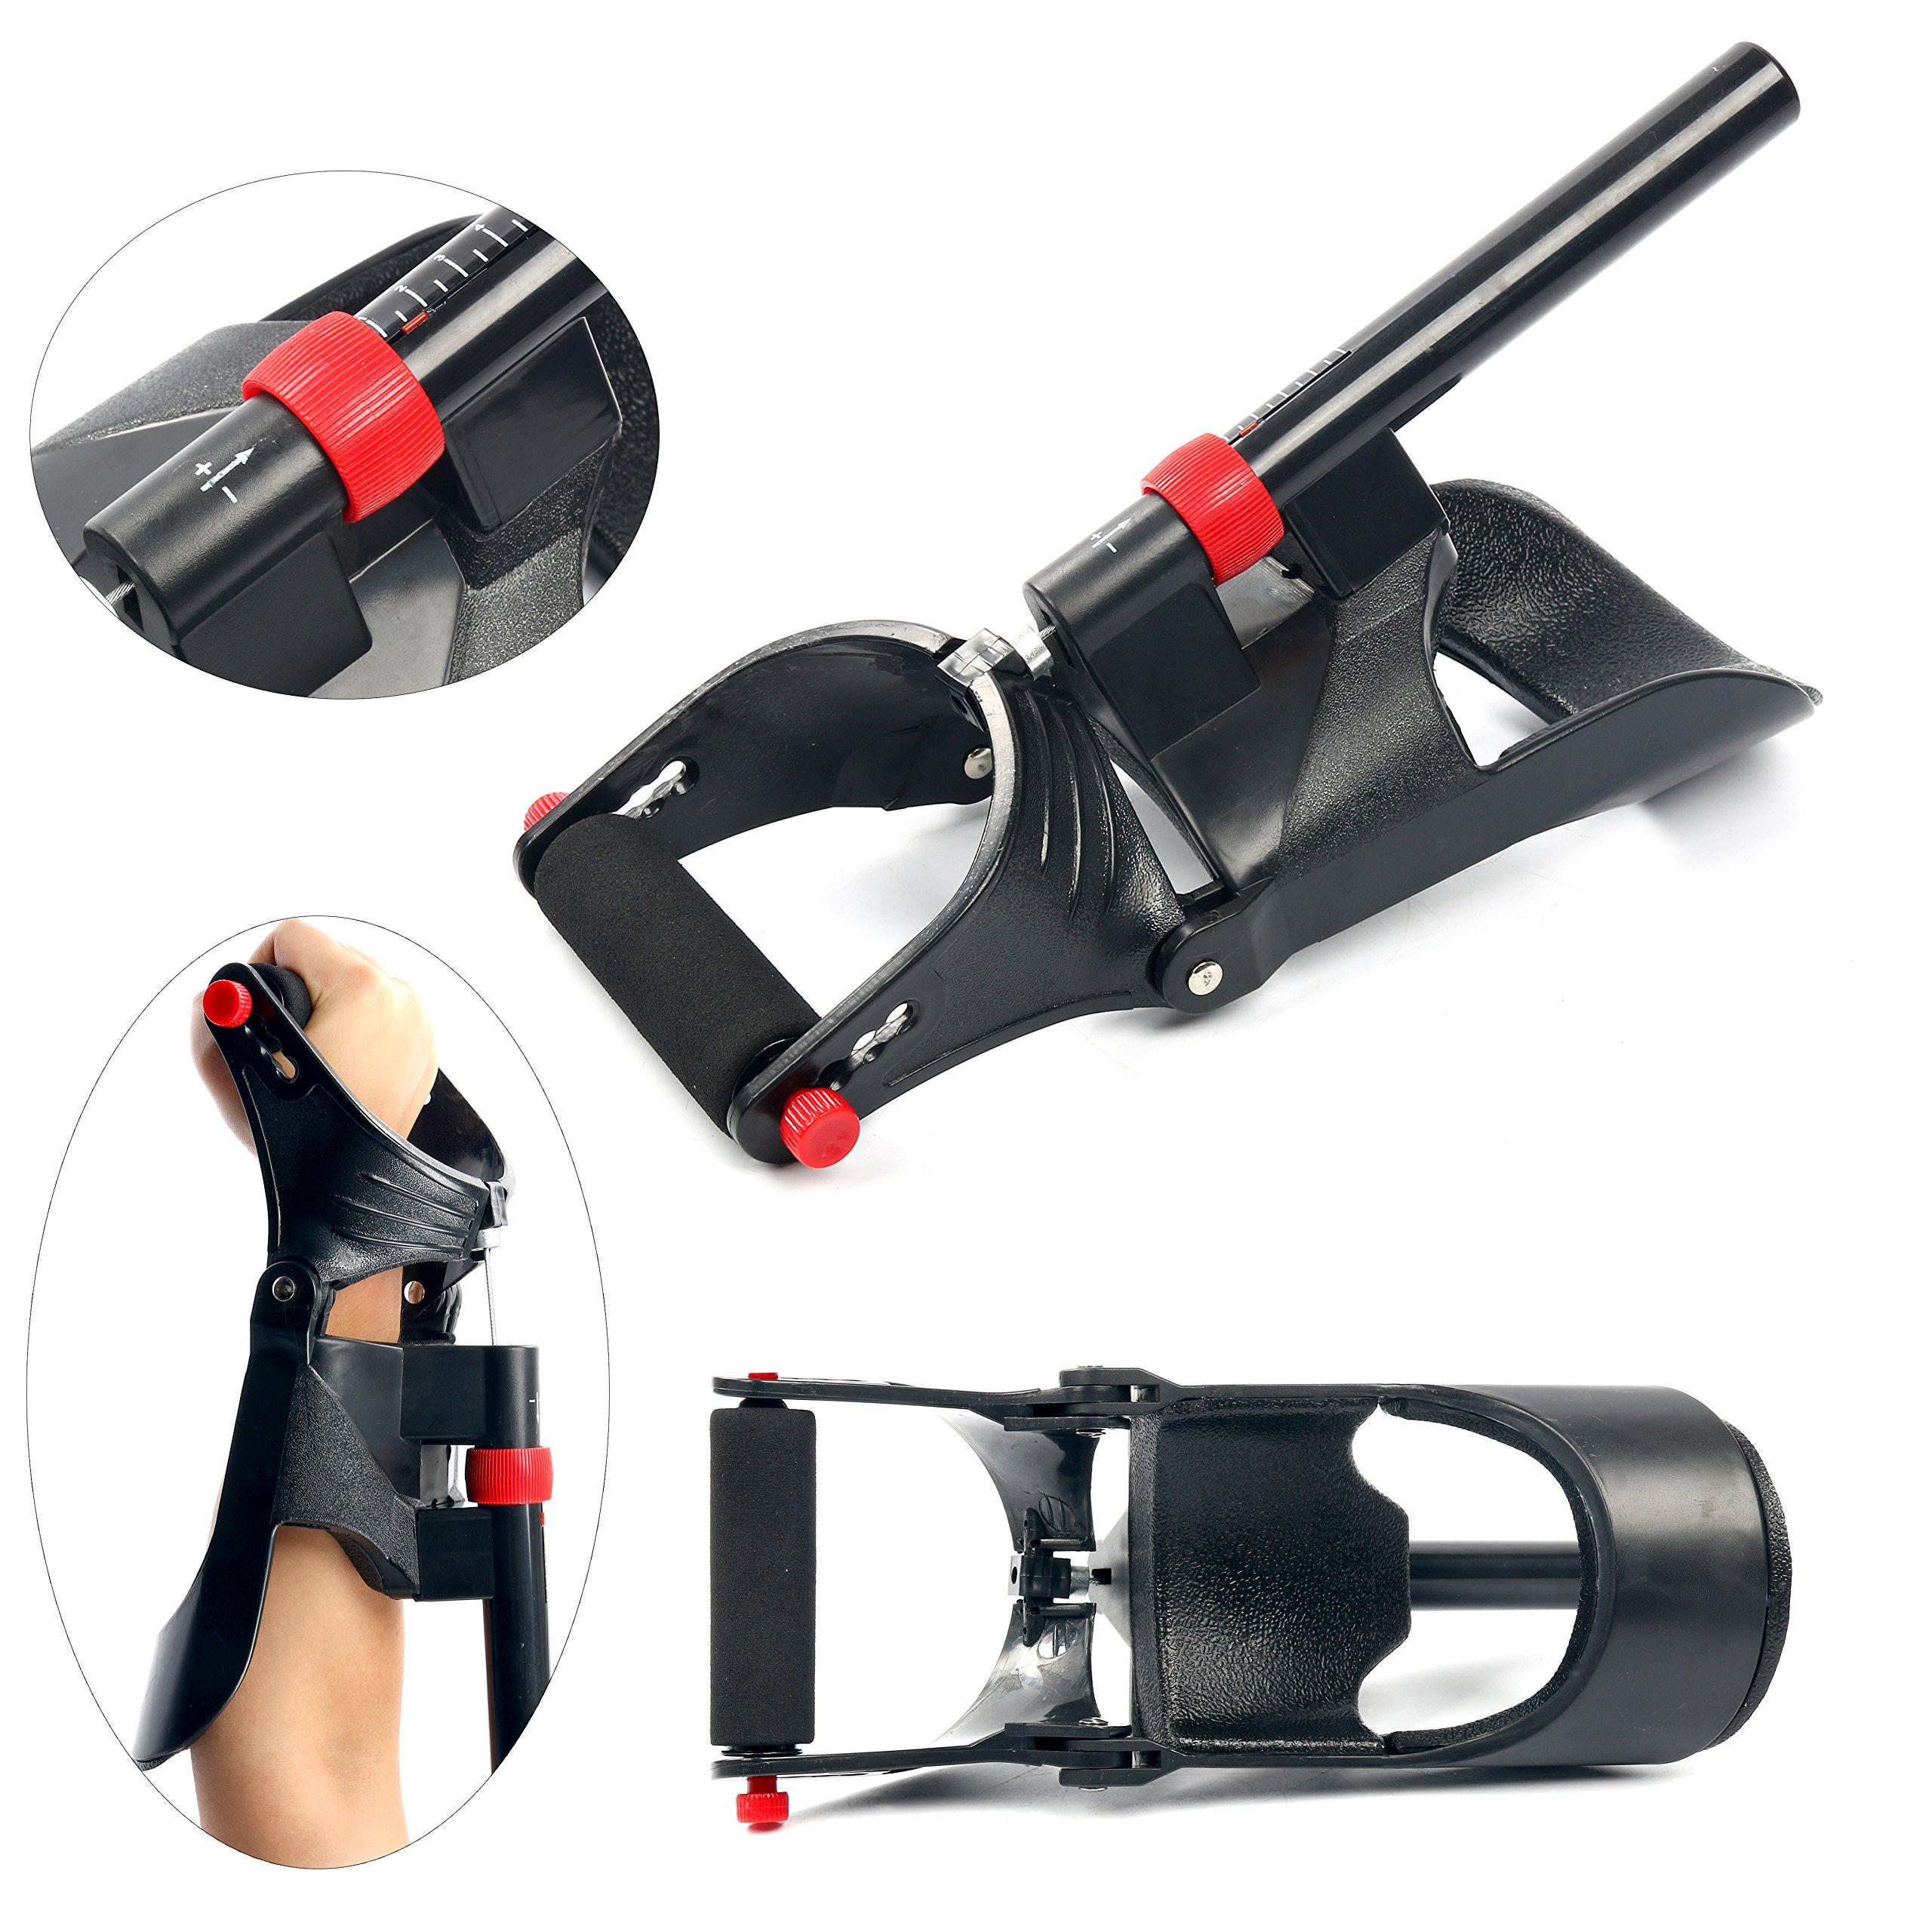 YaeTek Power Forearm Wrist Strengthener Grip Exerciser Trainer - Wrist and Forearm Developer - Wrist and Strength Exerciser Forearm Strengthener Developer - Made In China ((SAME)) by YaeTek